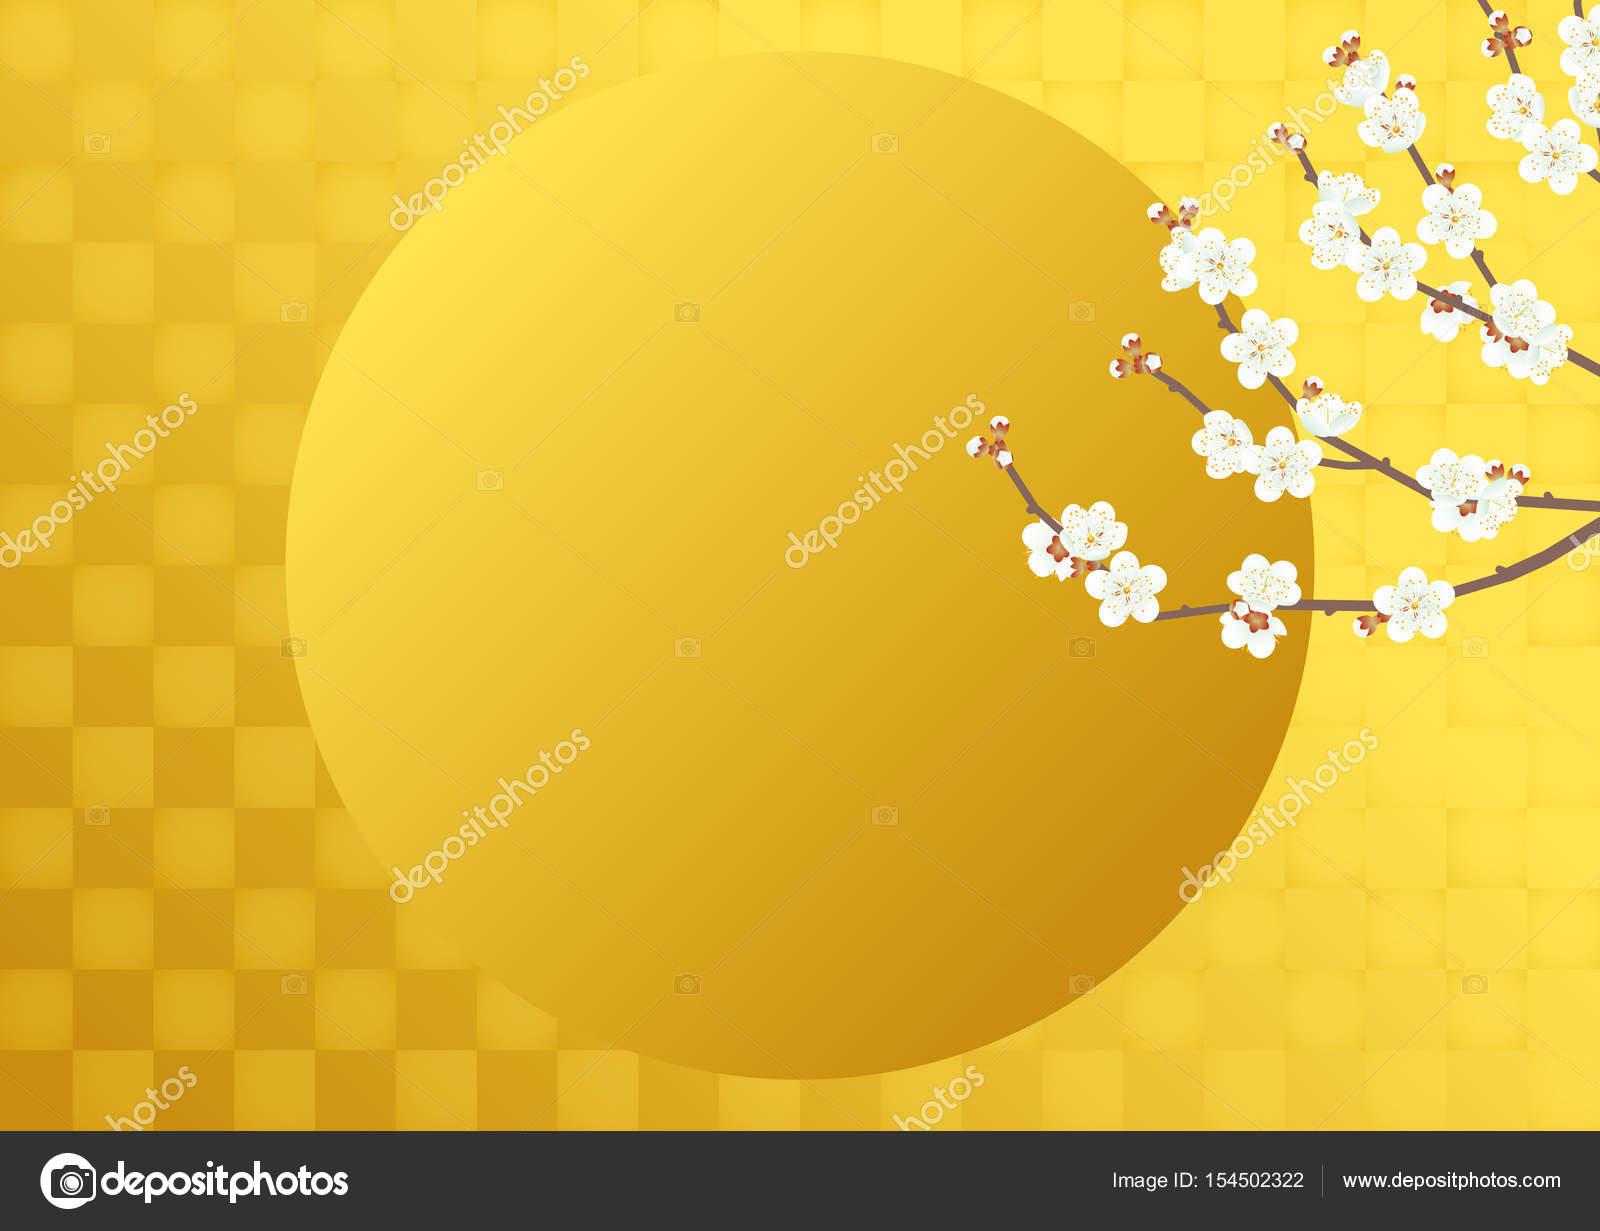 白梅とゴールド箔します。和風背景素材 — ストックベクター © alphabetmn